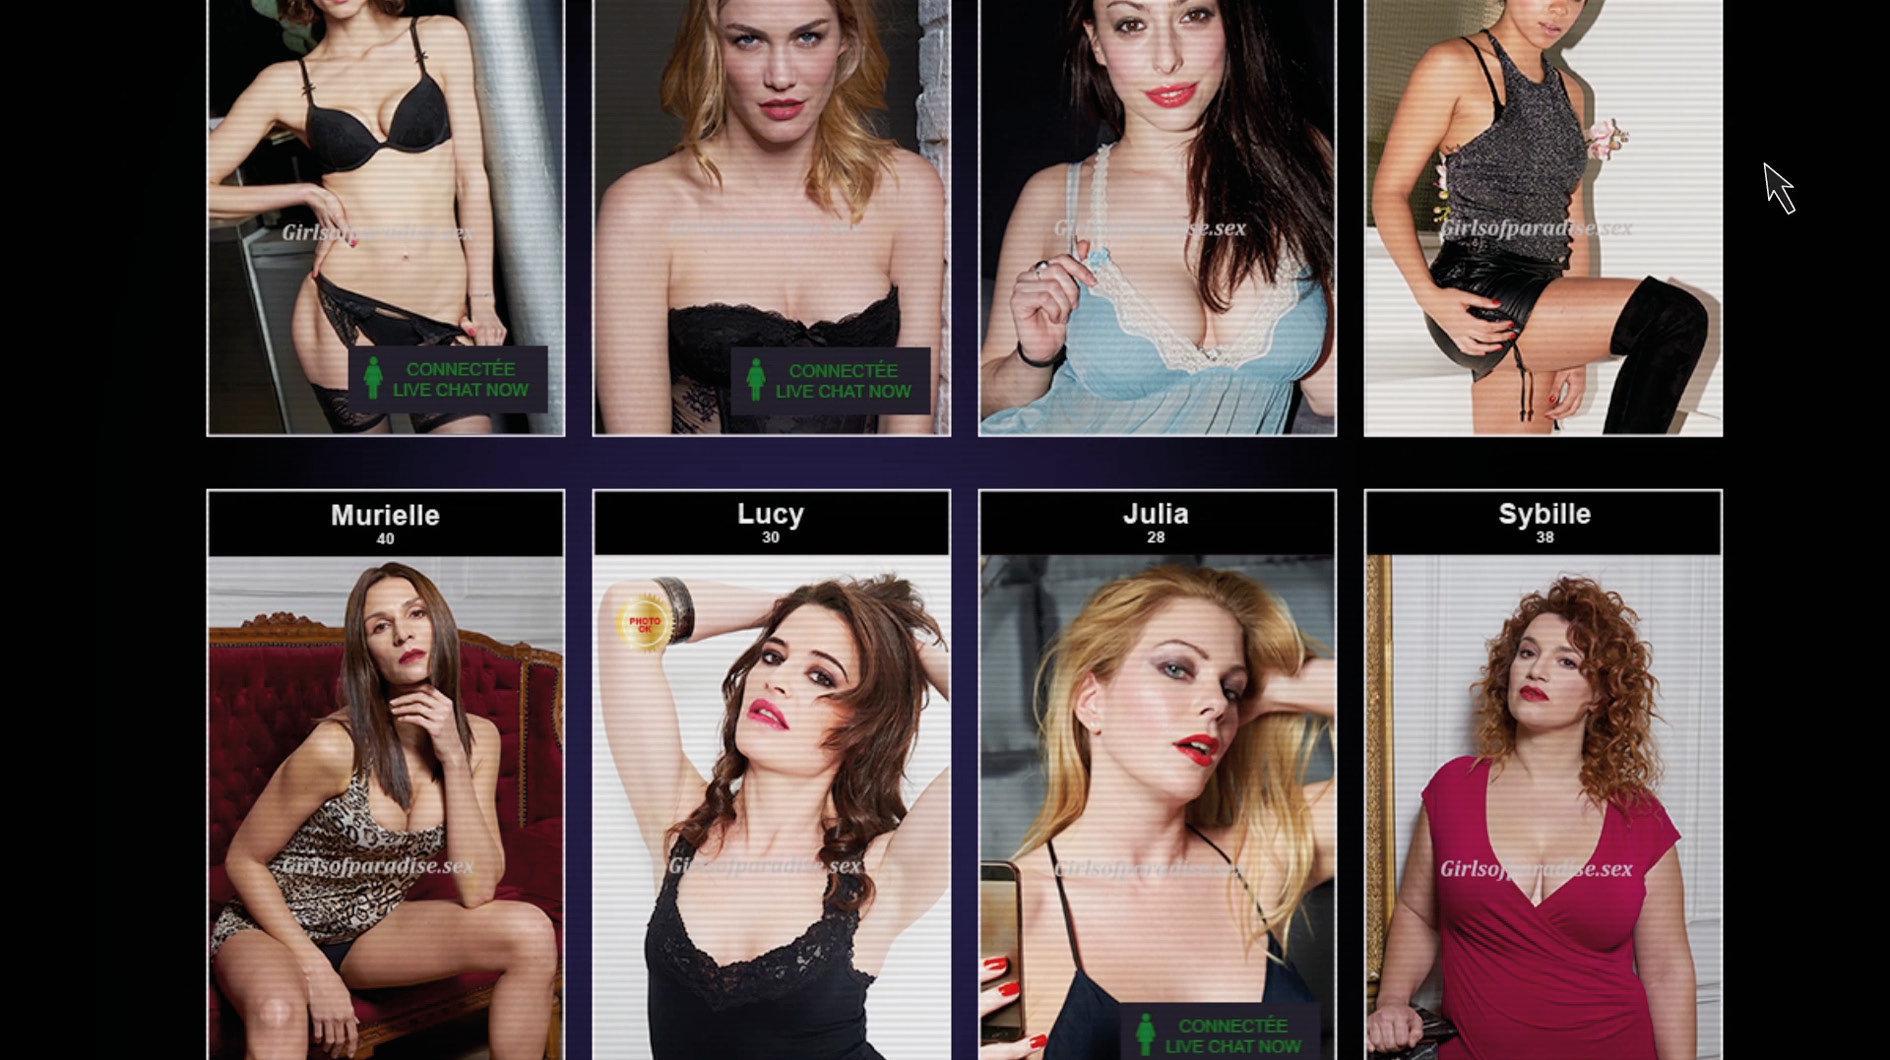 solo videos de prostitutas cual es la profesion mas antigua